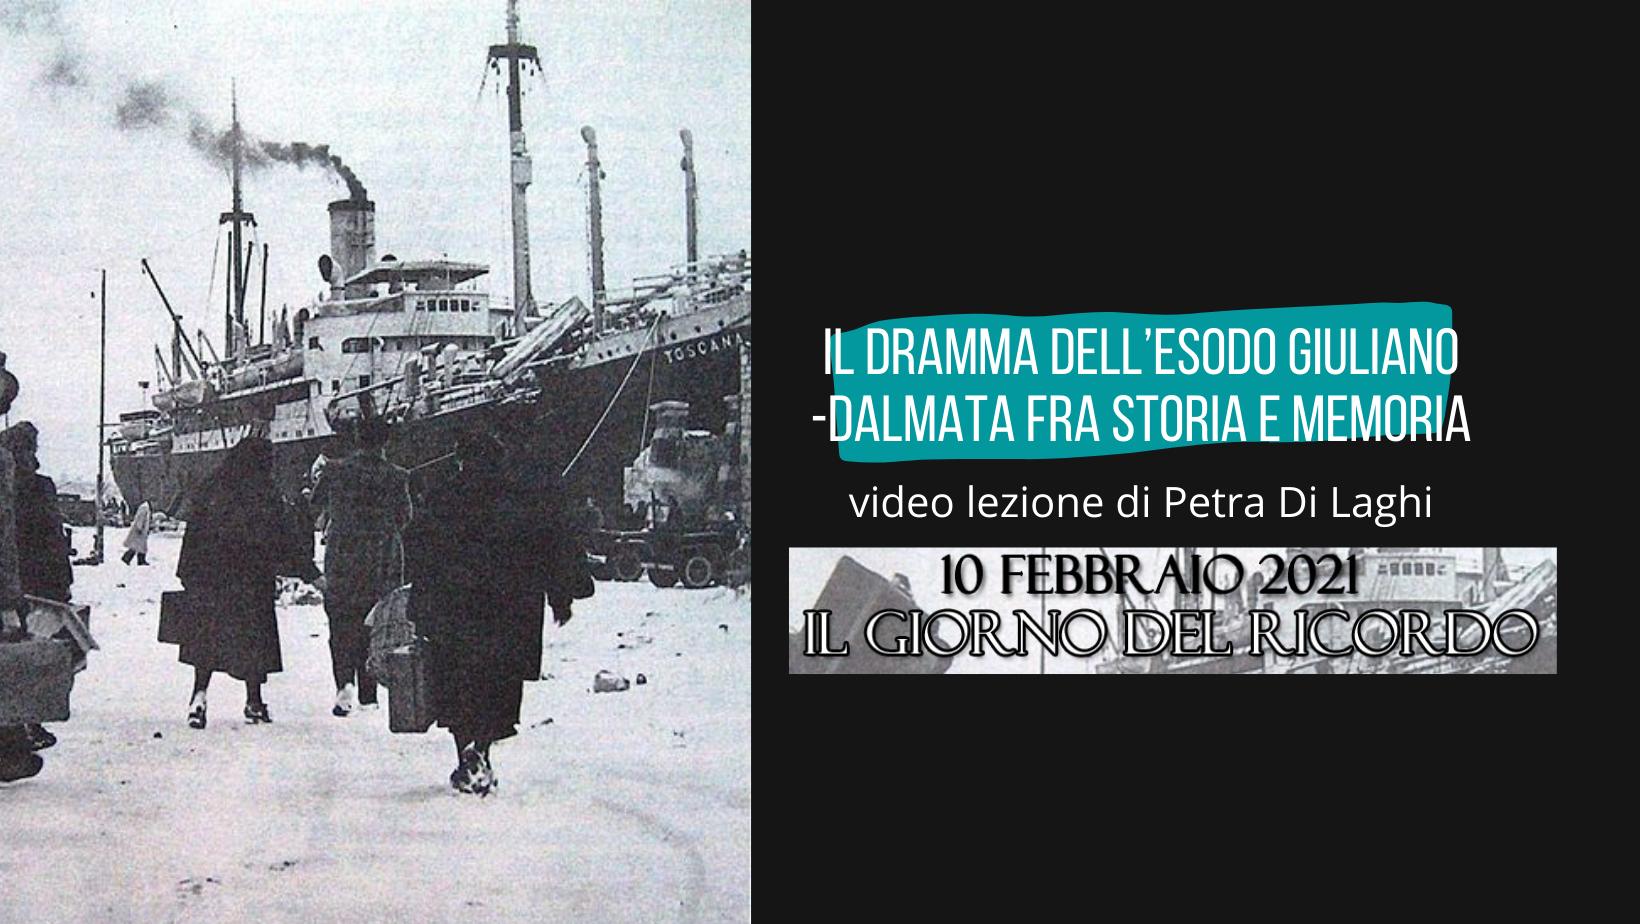 Il dramma dell'esodo giuliano-dalmata fra storia e memoria